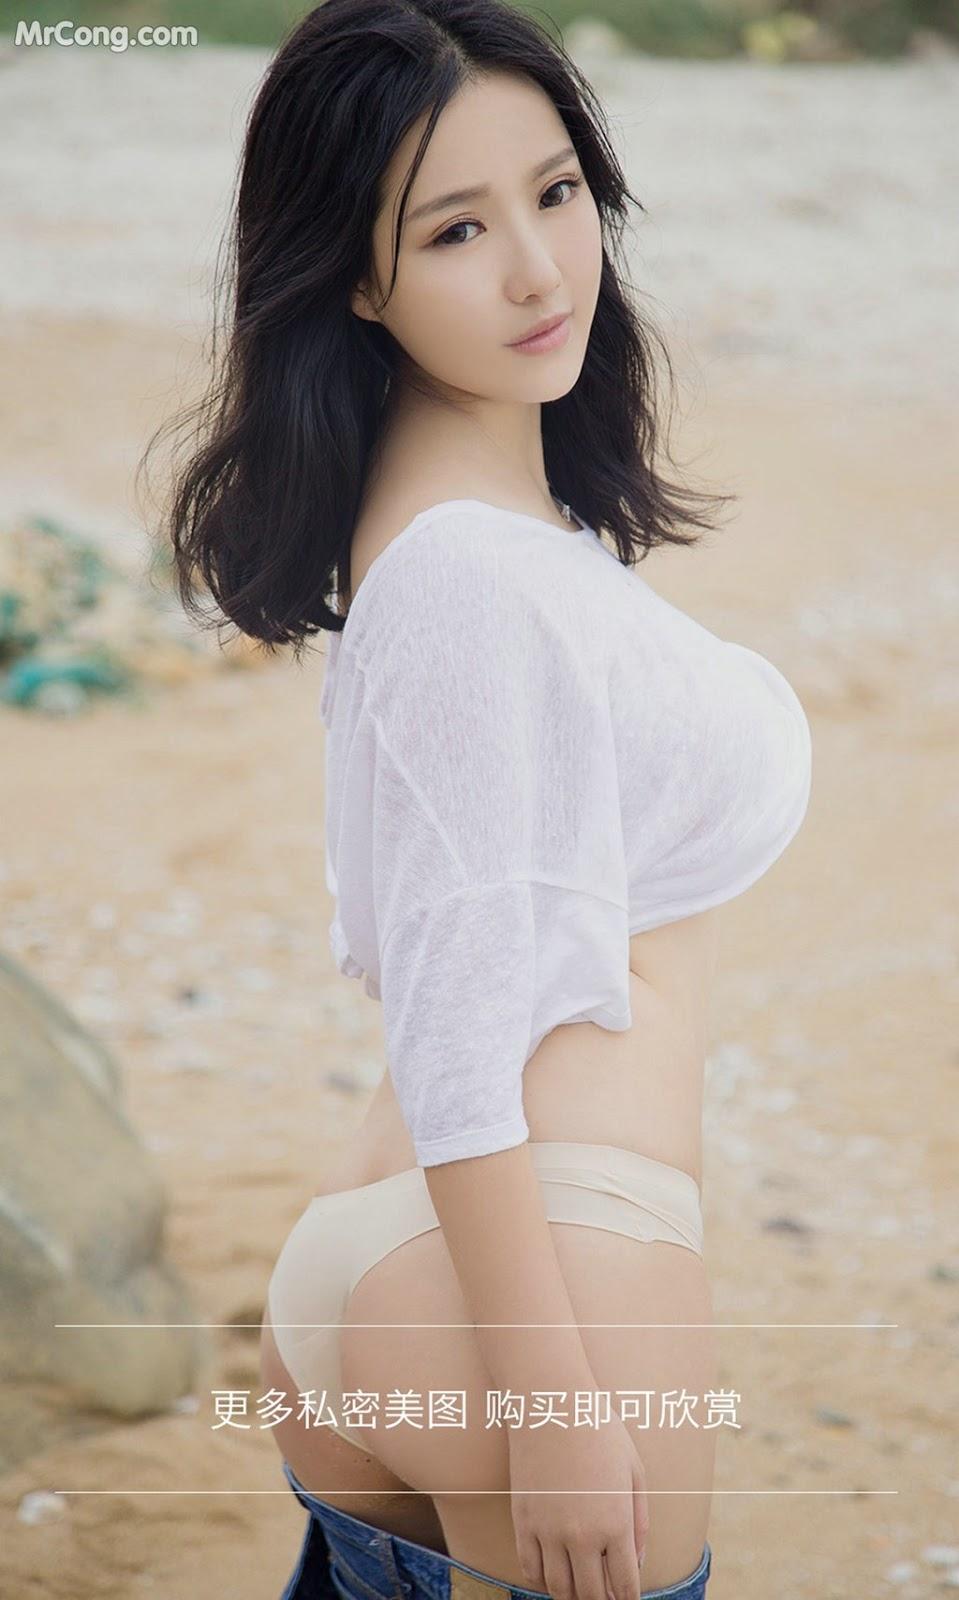 Image UGIRLS-Ai-You-Wu-App-No.864-Ni-Ye-Teng-MrCong.com-009 in post UGIRLS – Ai You Wu App No.864: Người mẫu Ni Ye Teng (倪叶藤) (40 ảnh)